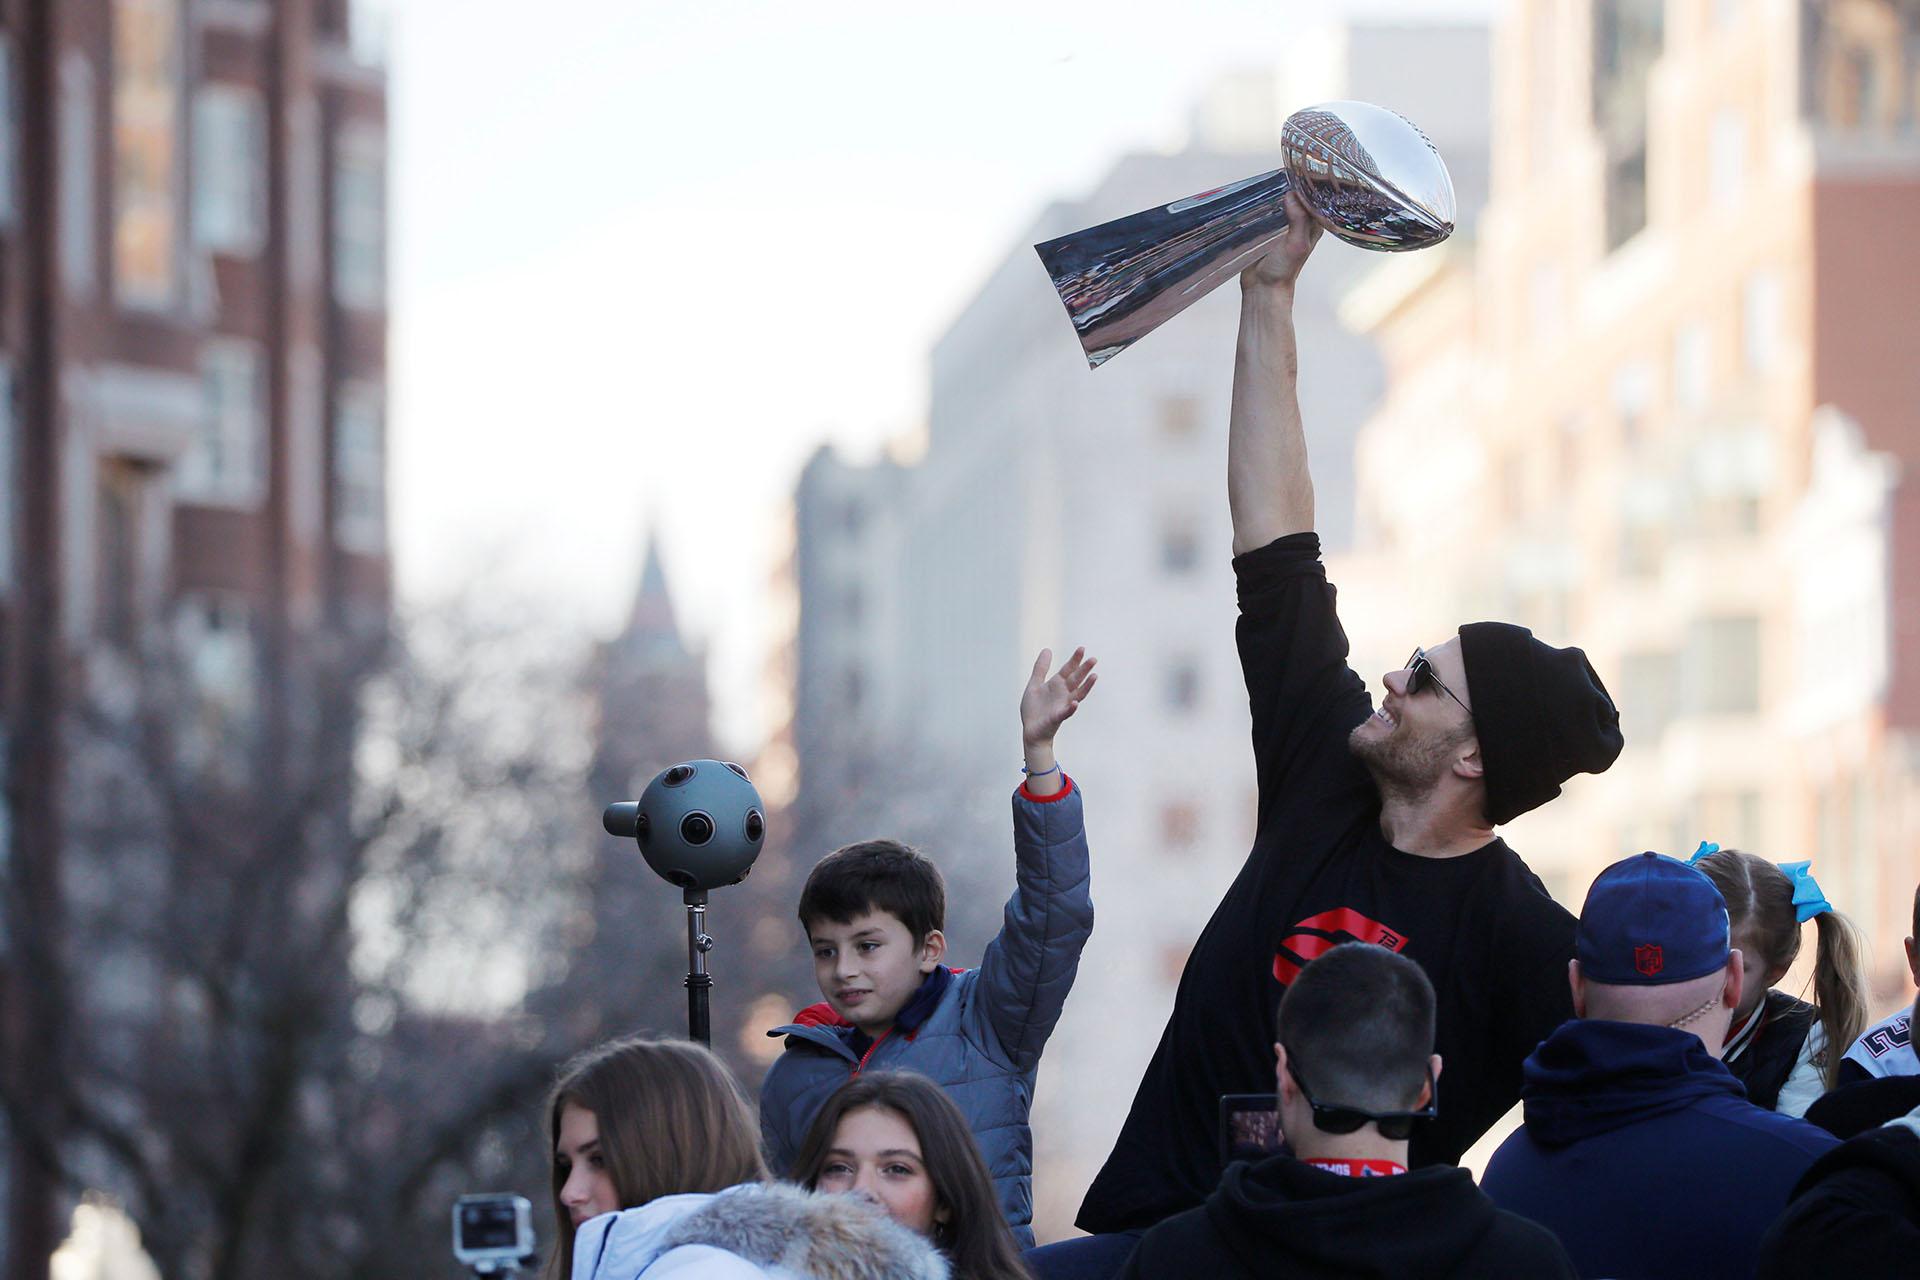 El trofeo Vince Lombardiregresa a Boston tras un año de ausencia